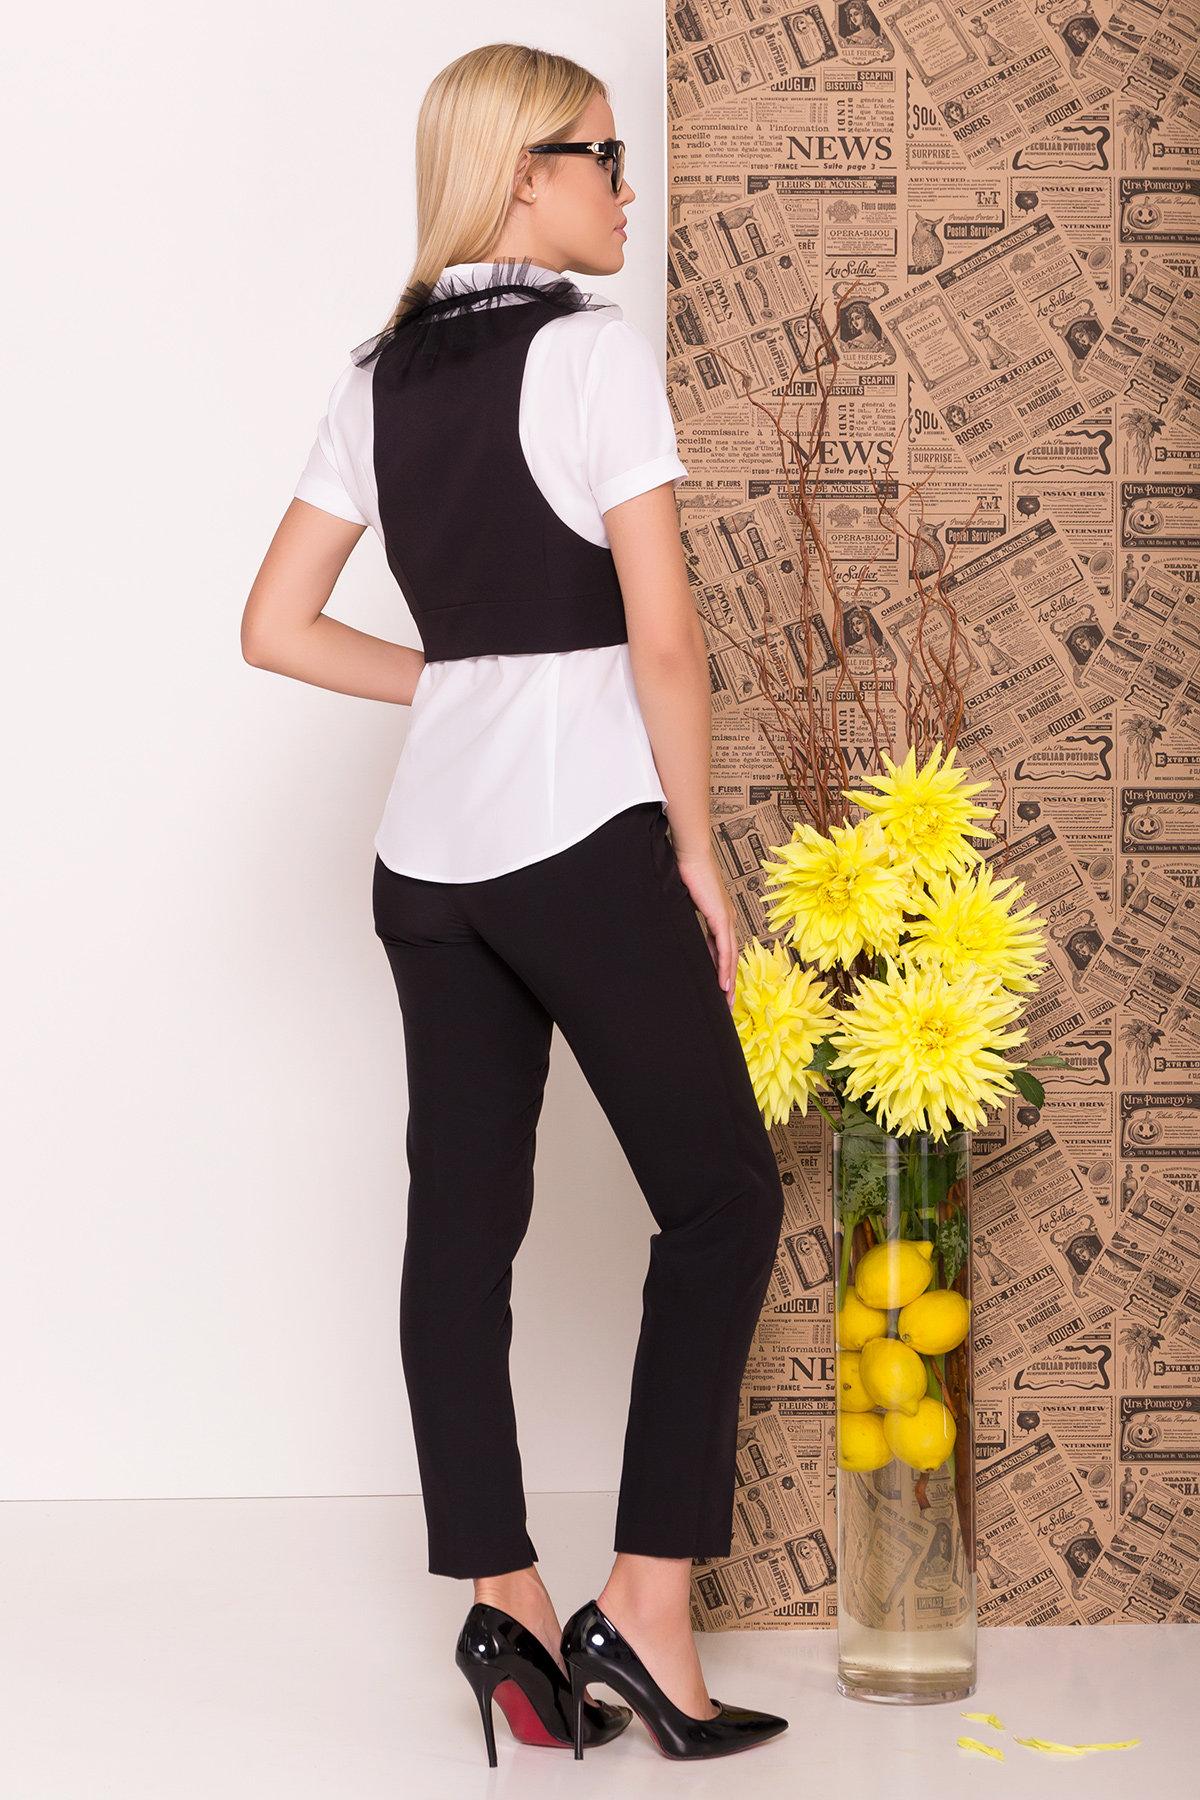 Блузка с жилетом Джетта 7794 АРТ. 43664 Цвет: Белый/черный - фото 3, интернет магазин tm-modus.ru